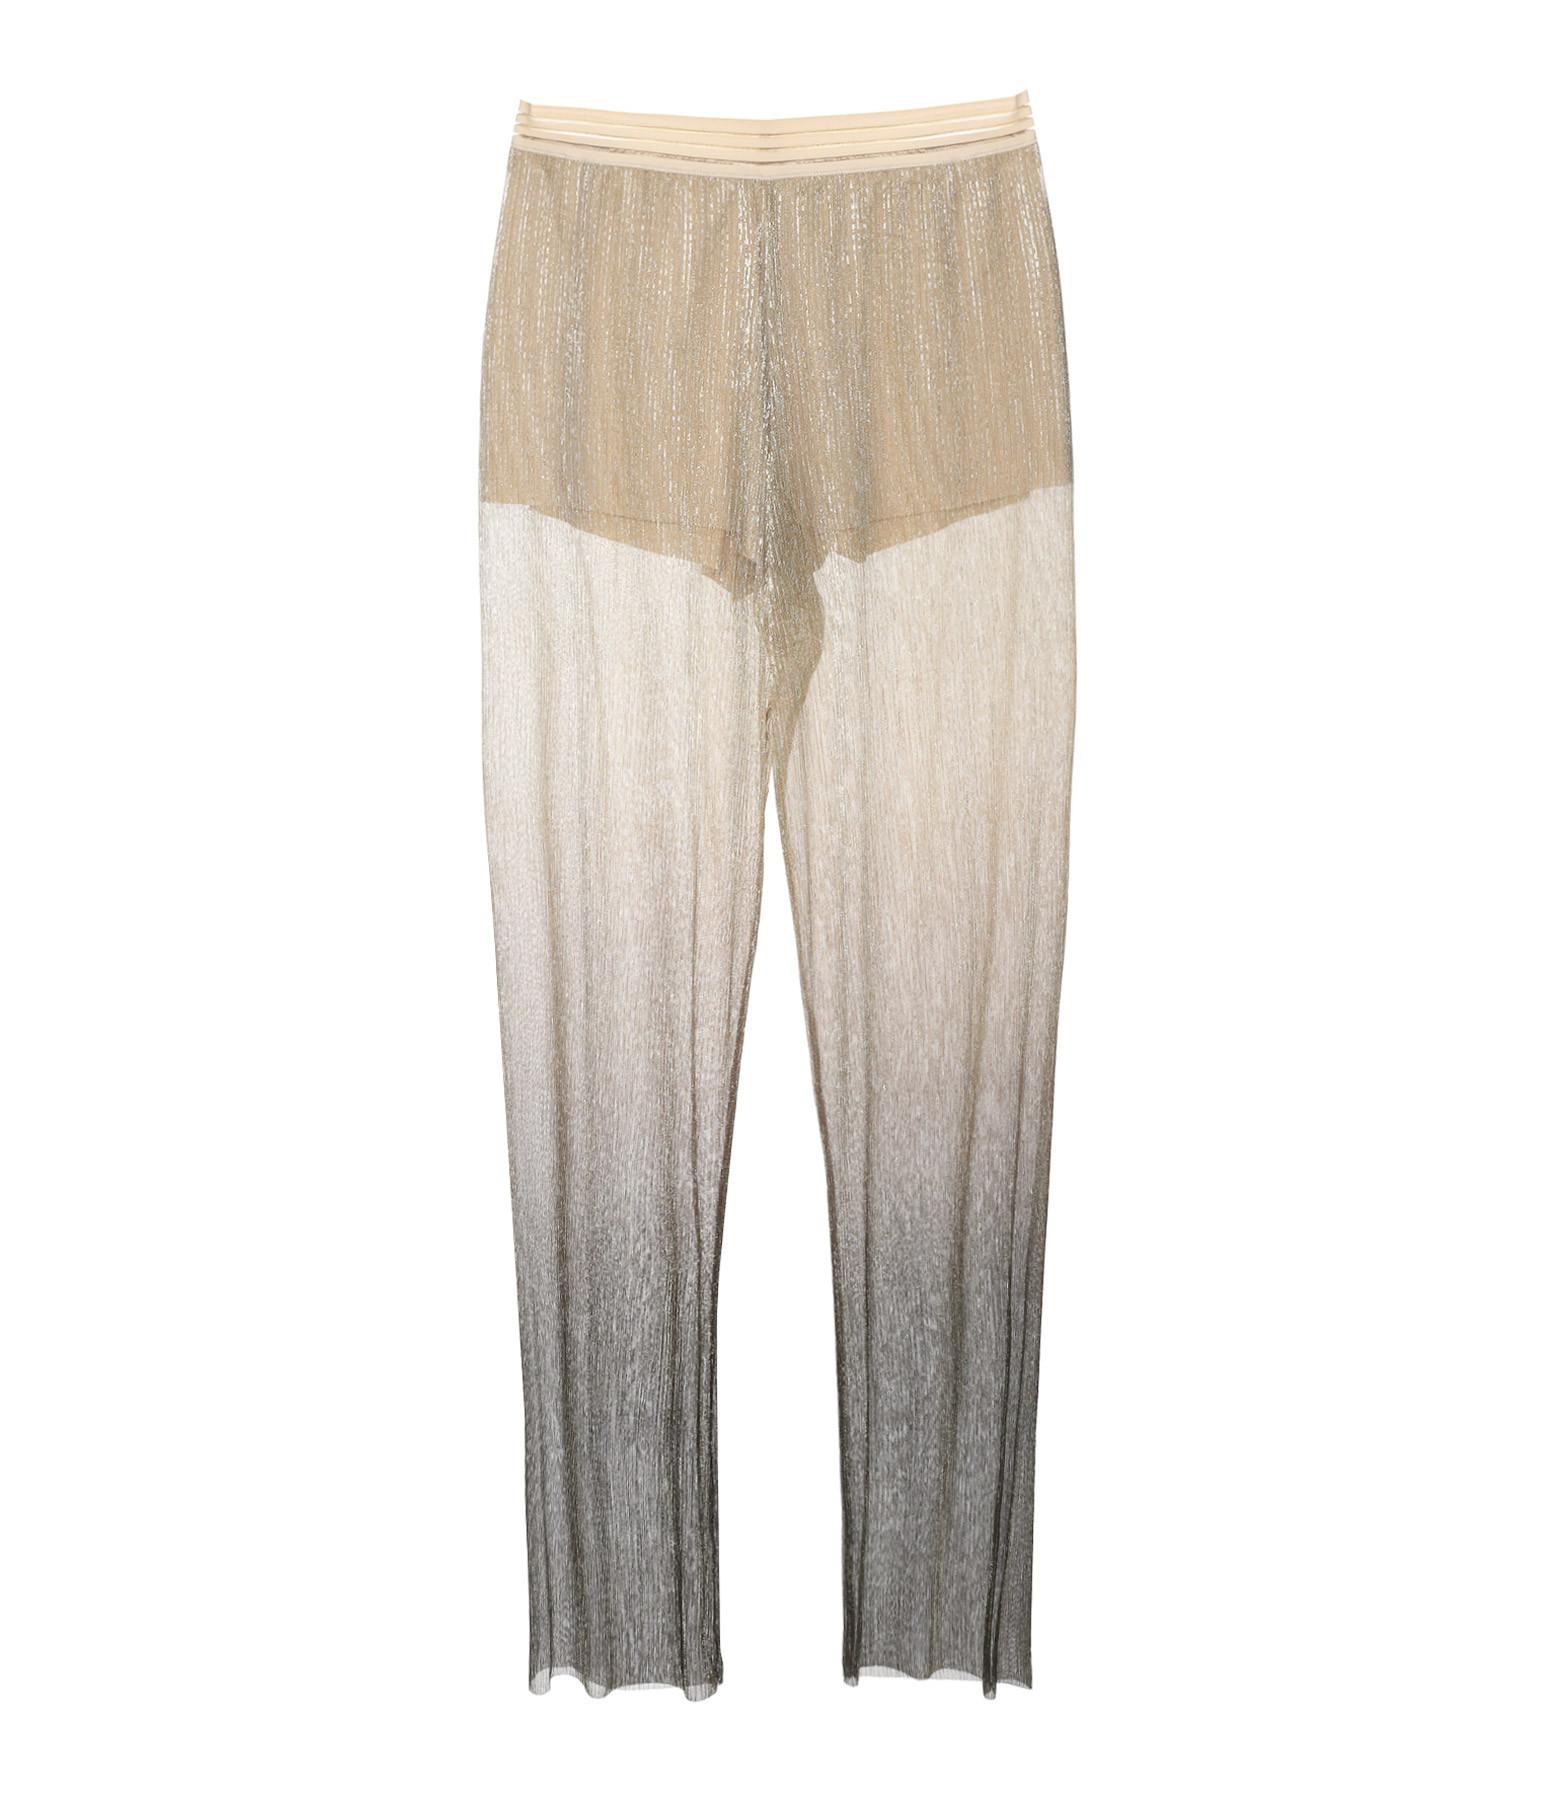 RABENS SALONER - Pantalon Ombre Meluca Noir